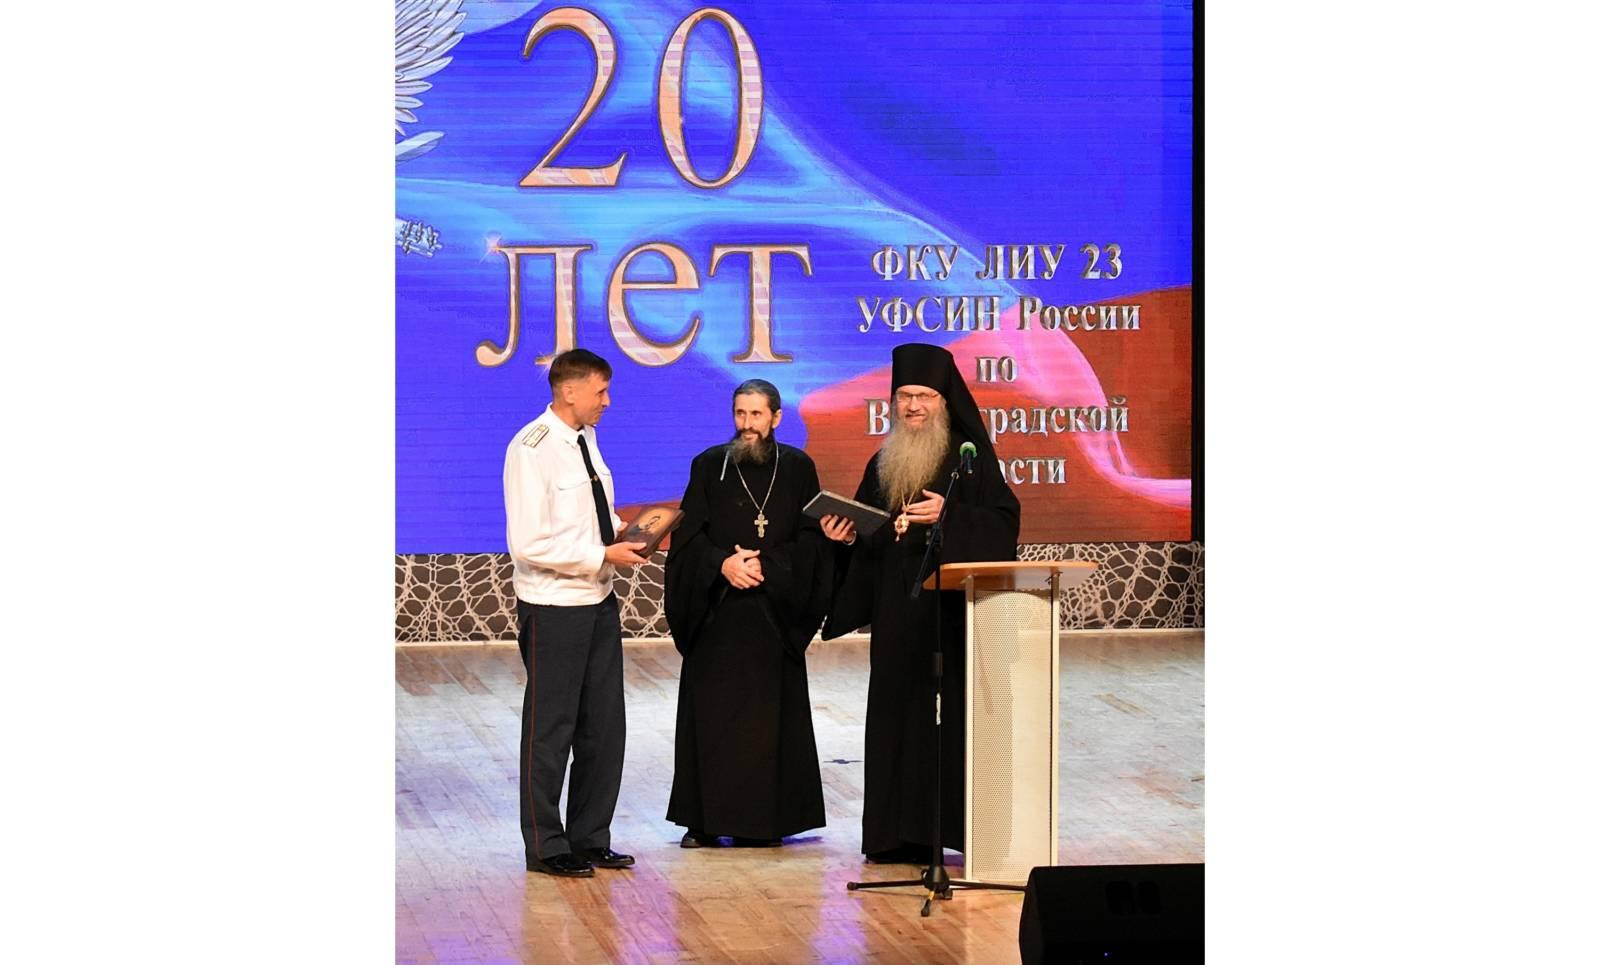 20-летия ЛИУ-23 г. Урюпинска в ТКЦ «Юбилейный».